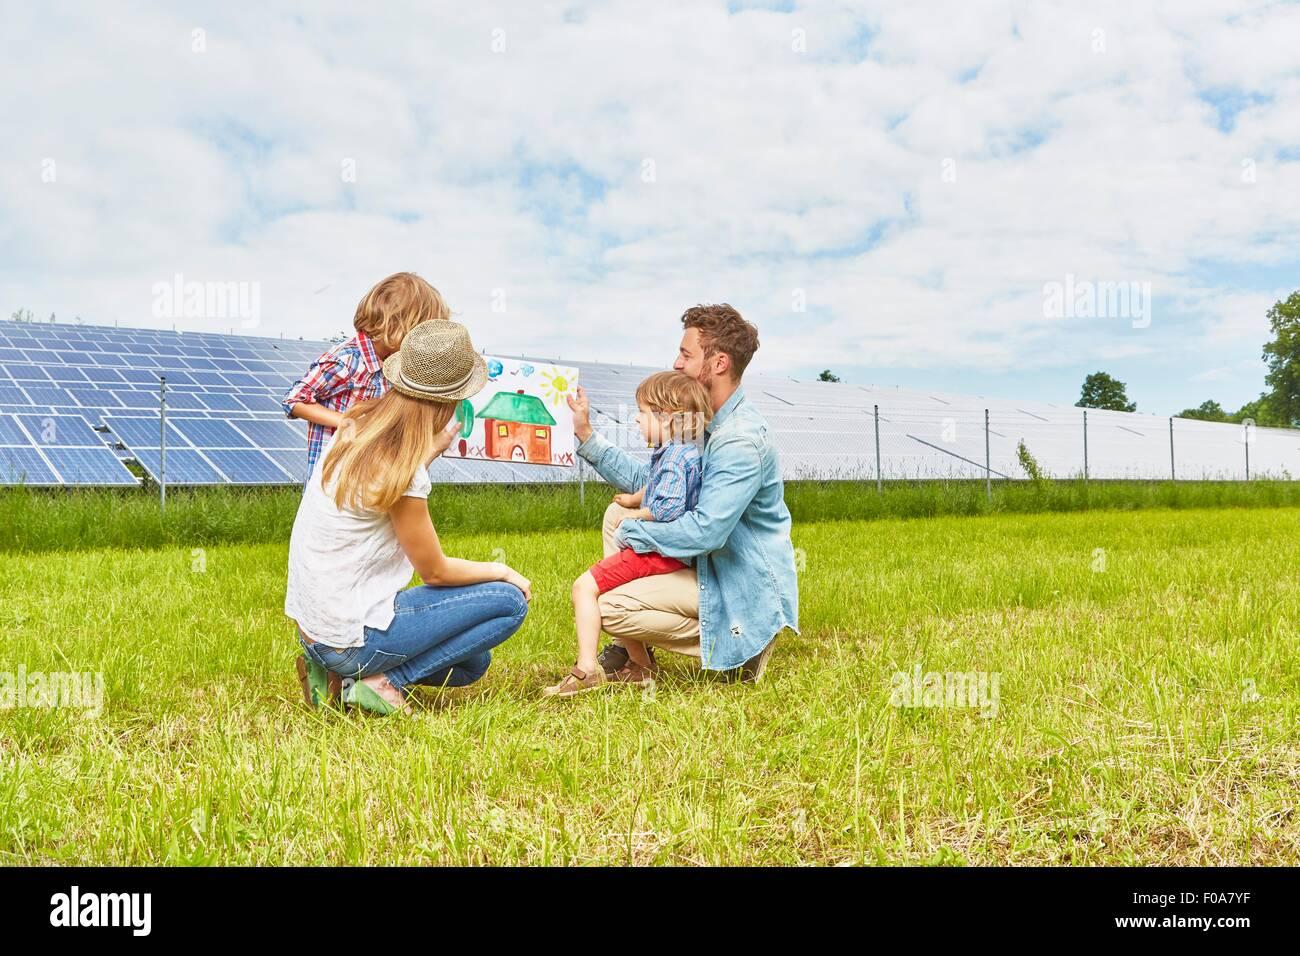 Junge Familie im Feld sitzen, mit Blick auf Kinder Zeichnung des Hauses, neben Solarpark Stockbild